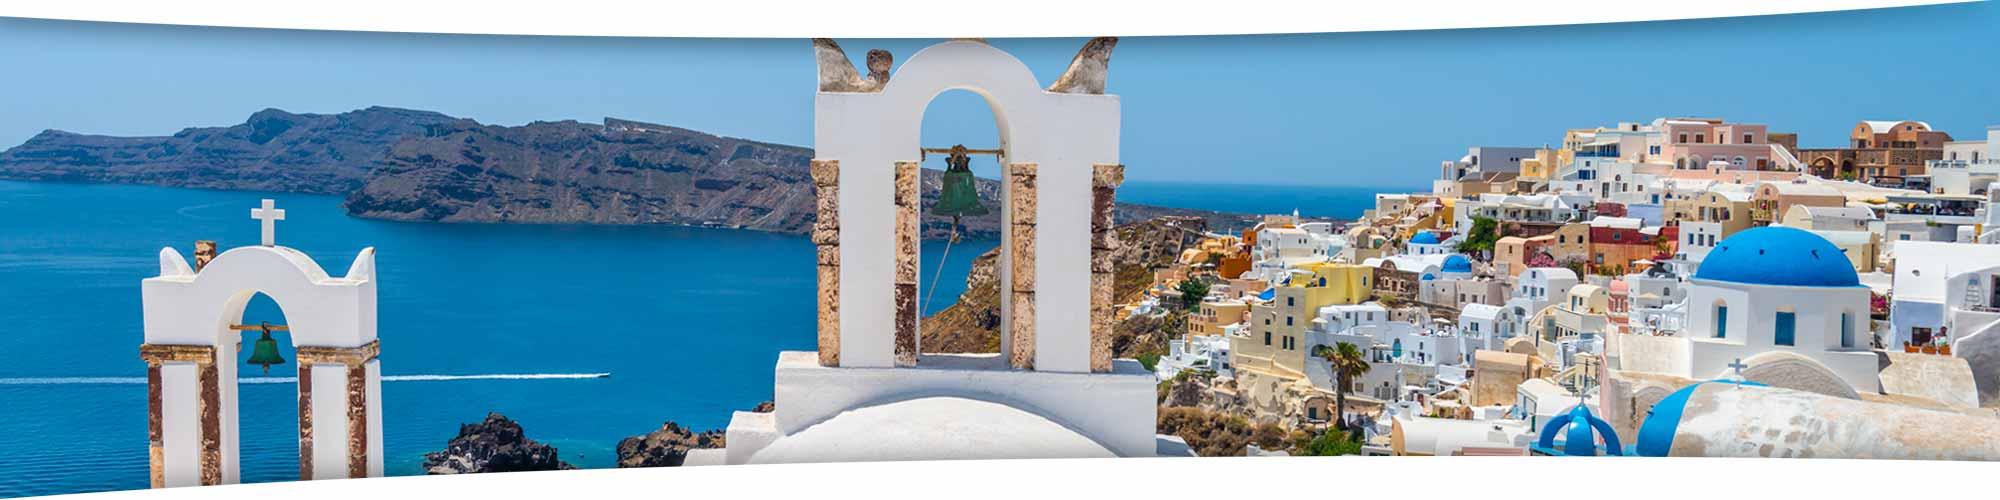 GreeceTourCover